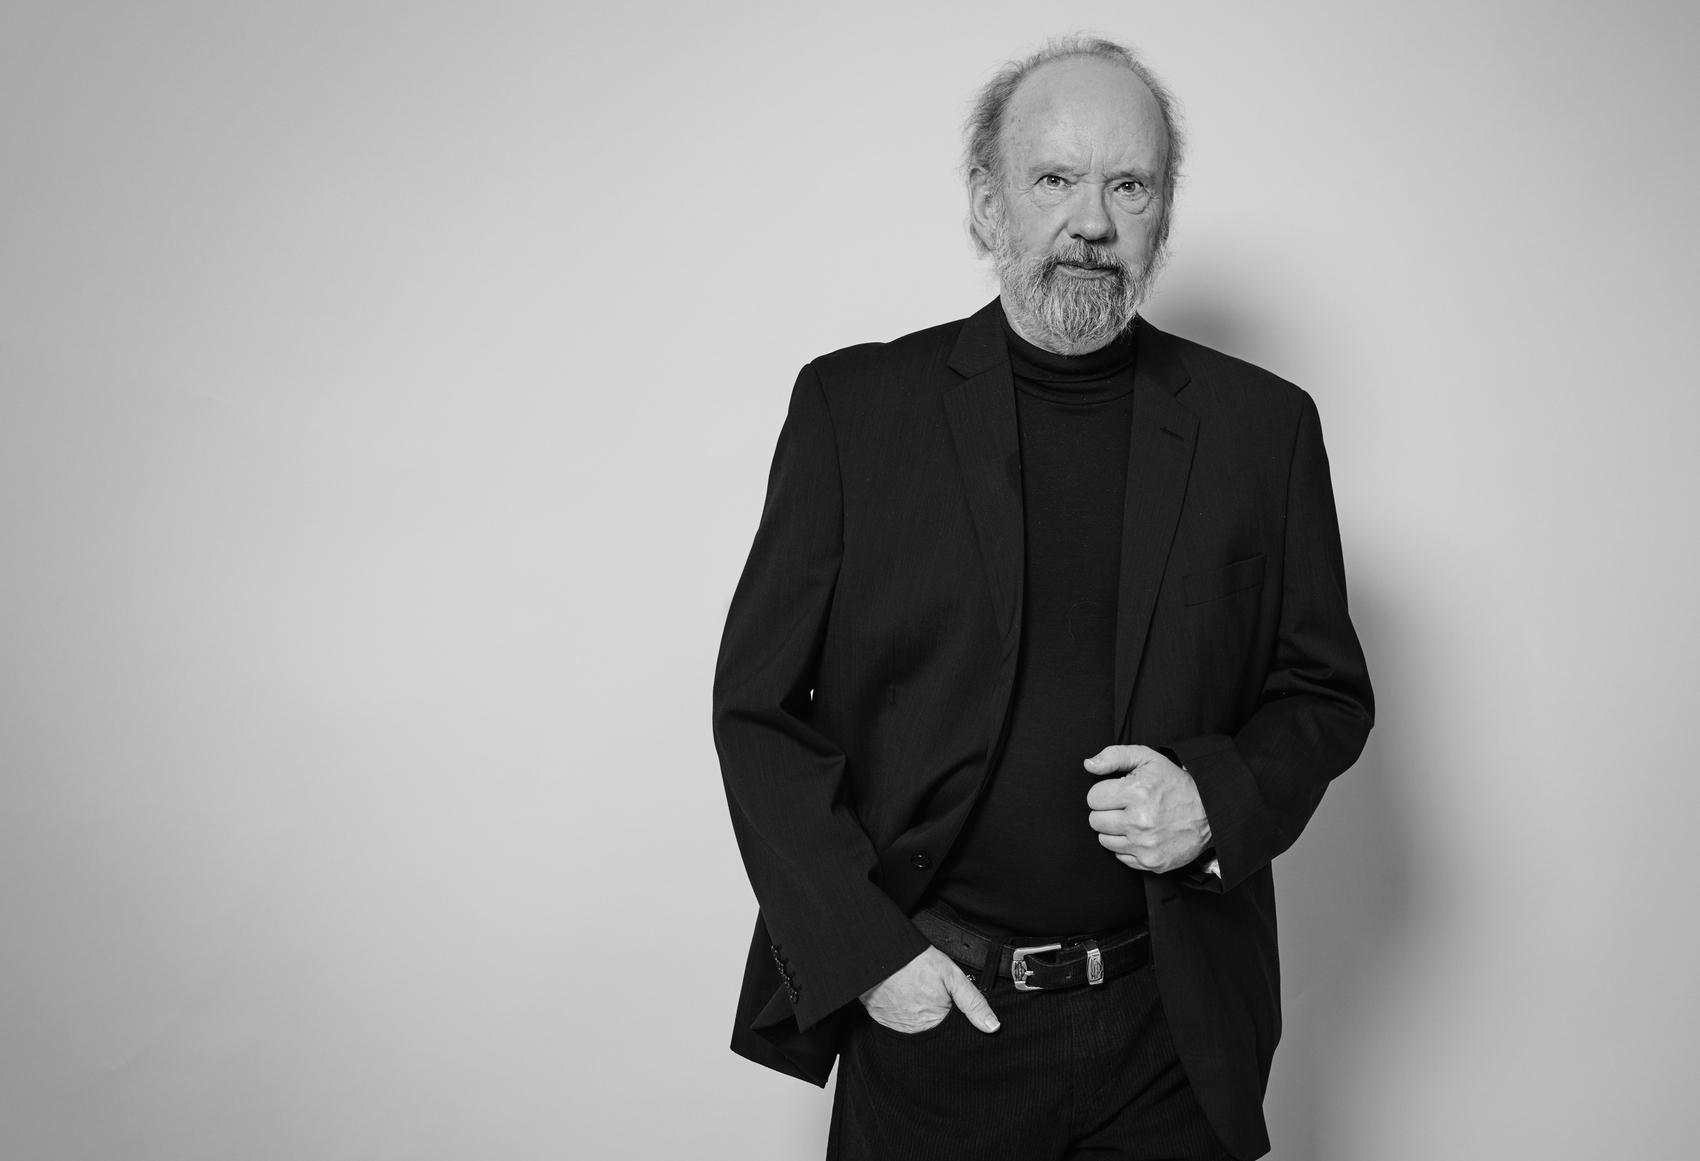 Ólafur Gunnarsson